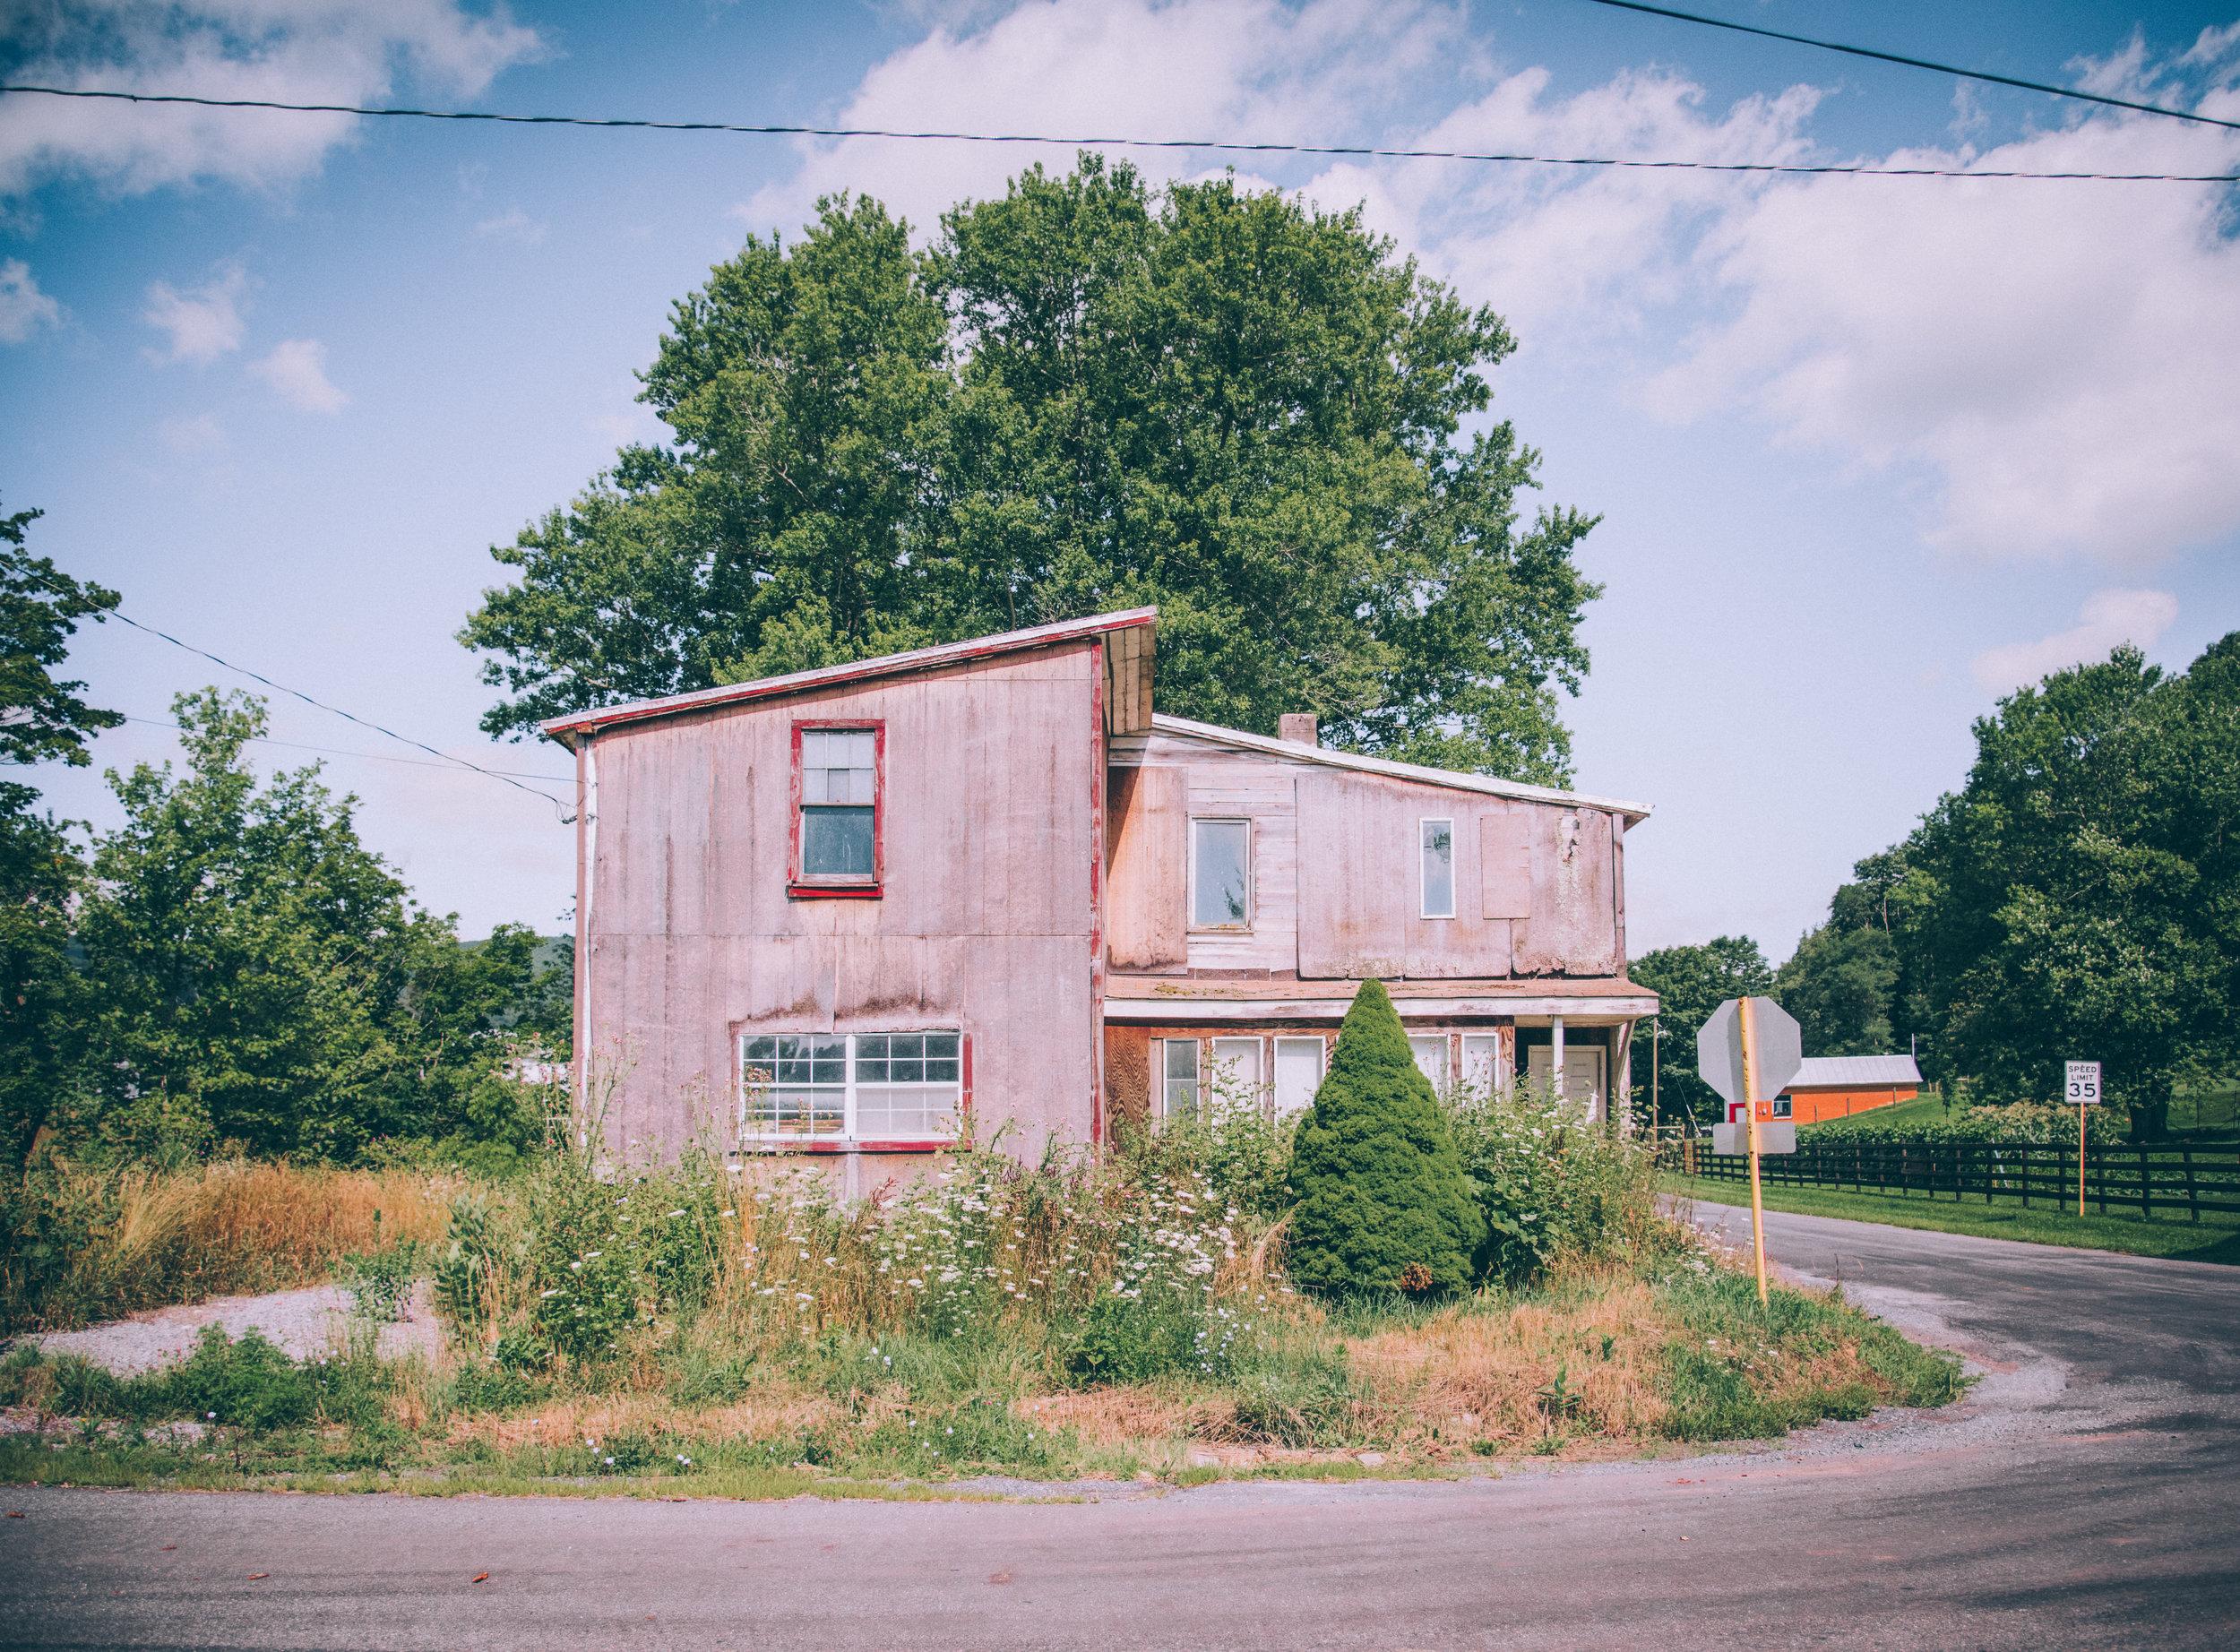 kw-abandoned-rural-virginia-img11.jpg